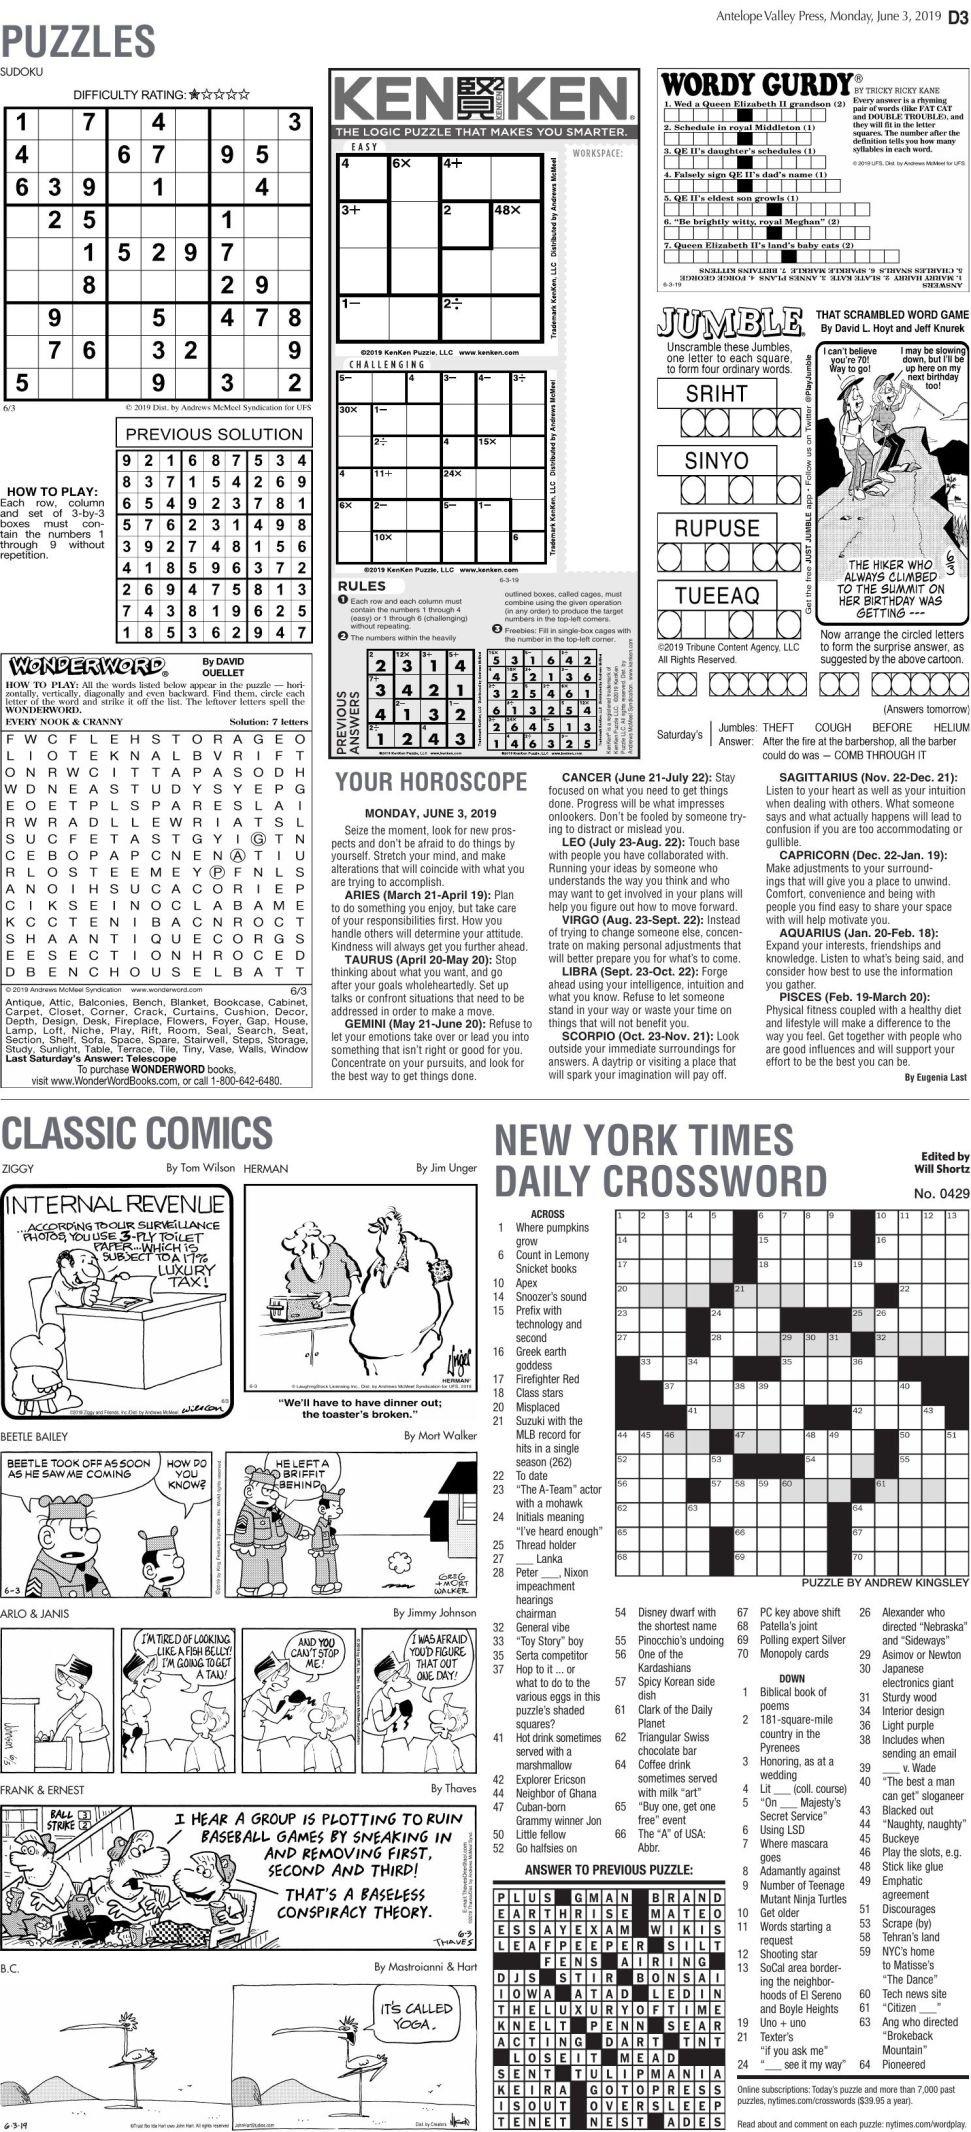 June 3, 2019, Puzzles